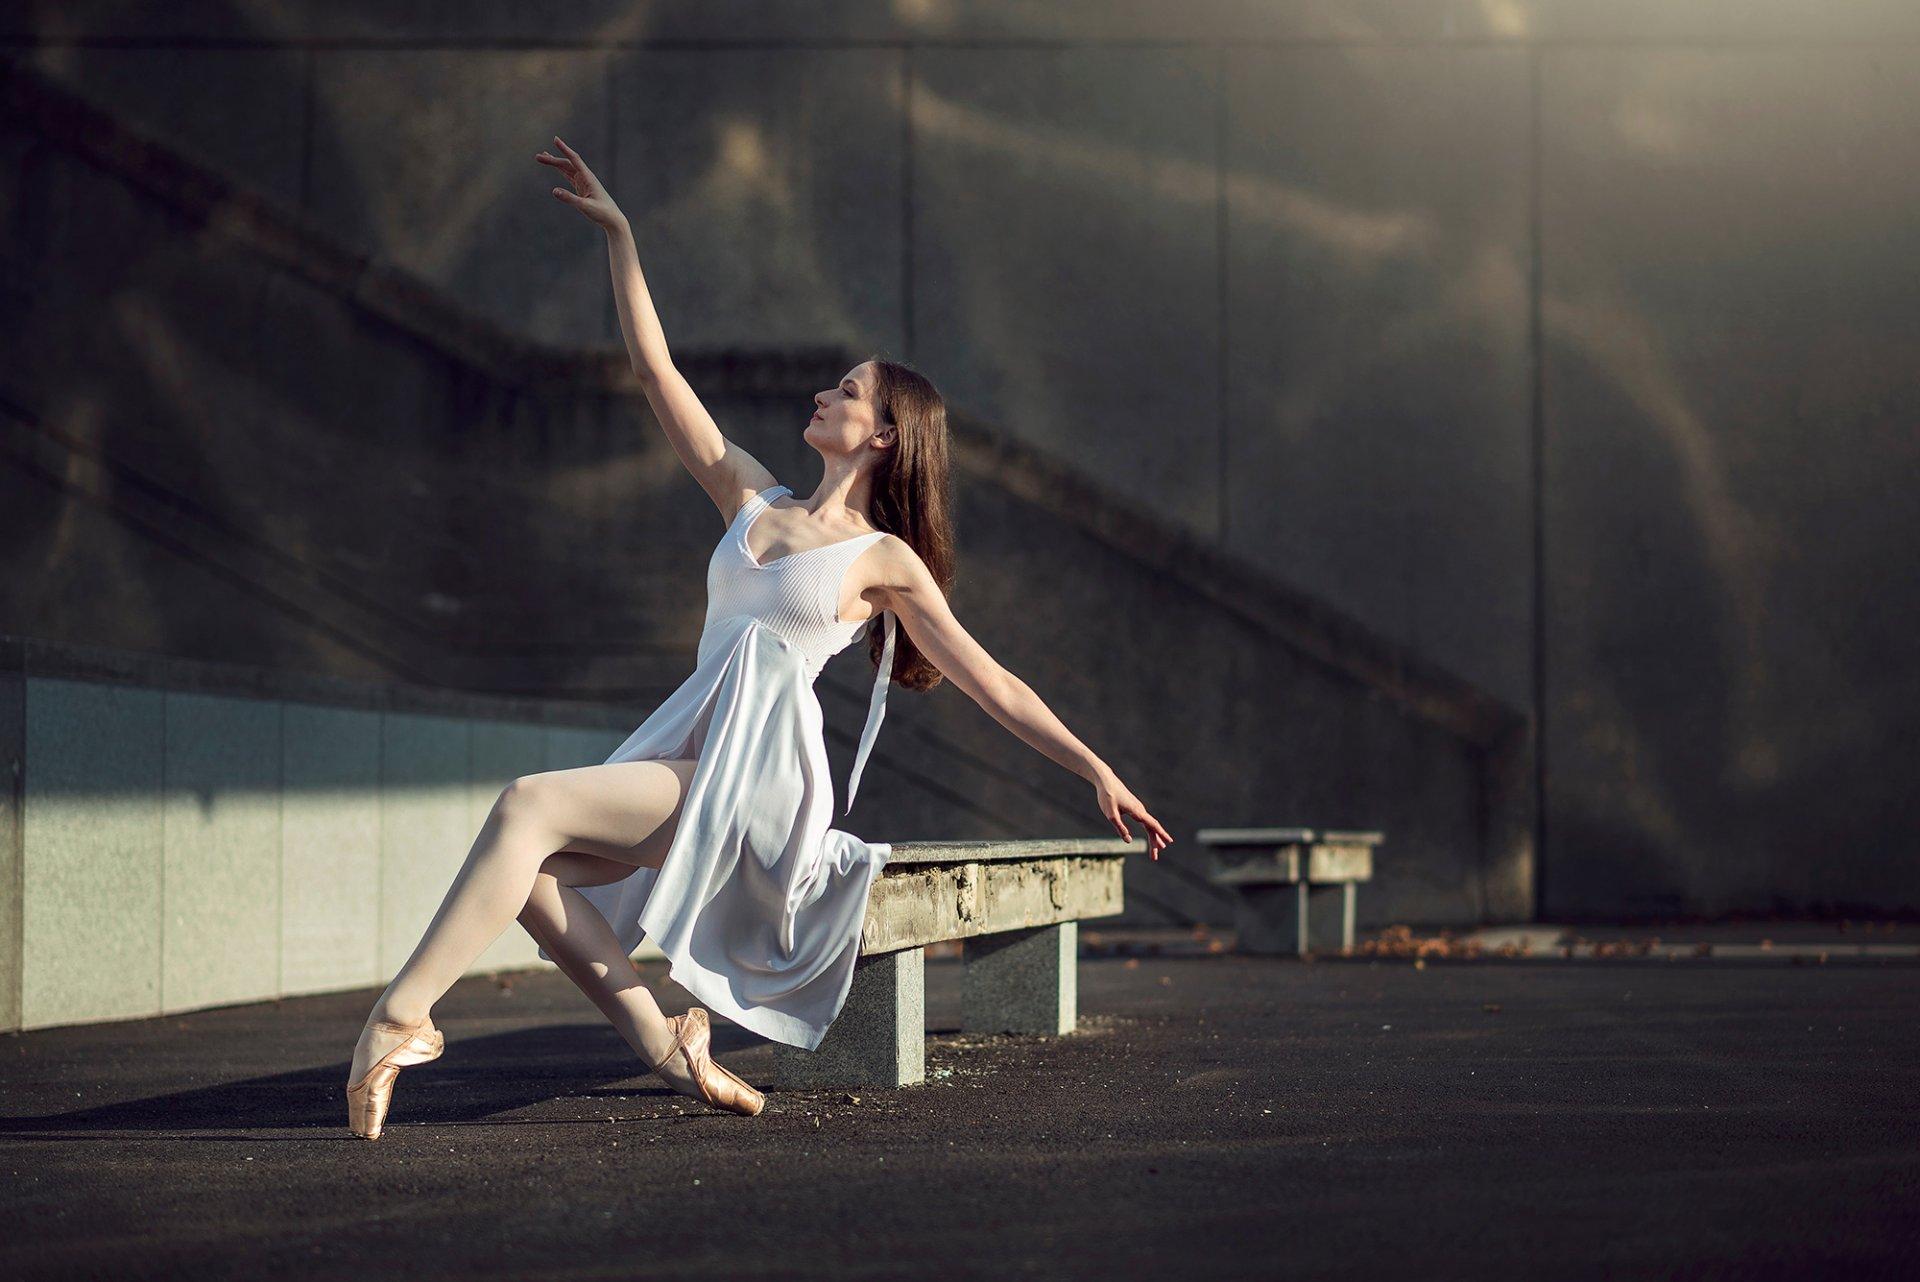 проходили замке необычные фото балерин порвал